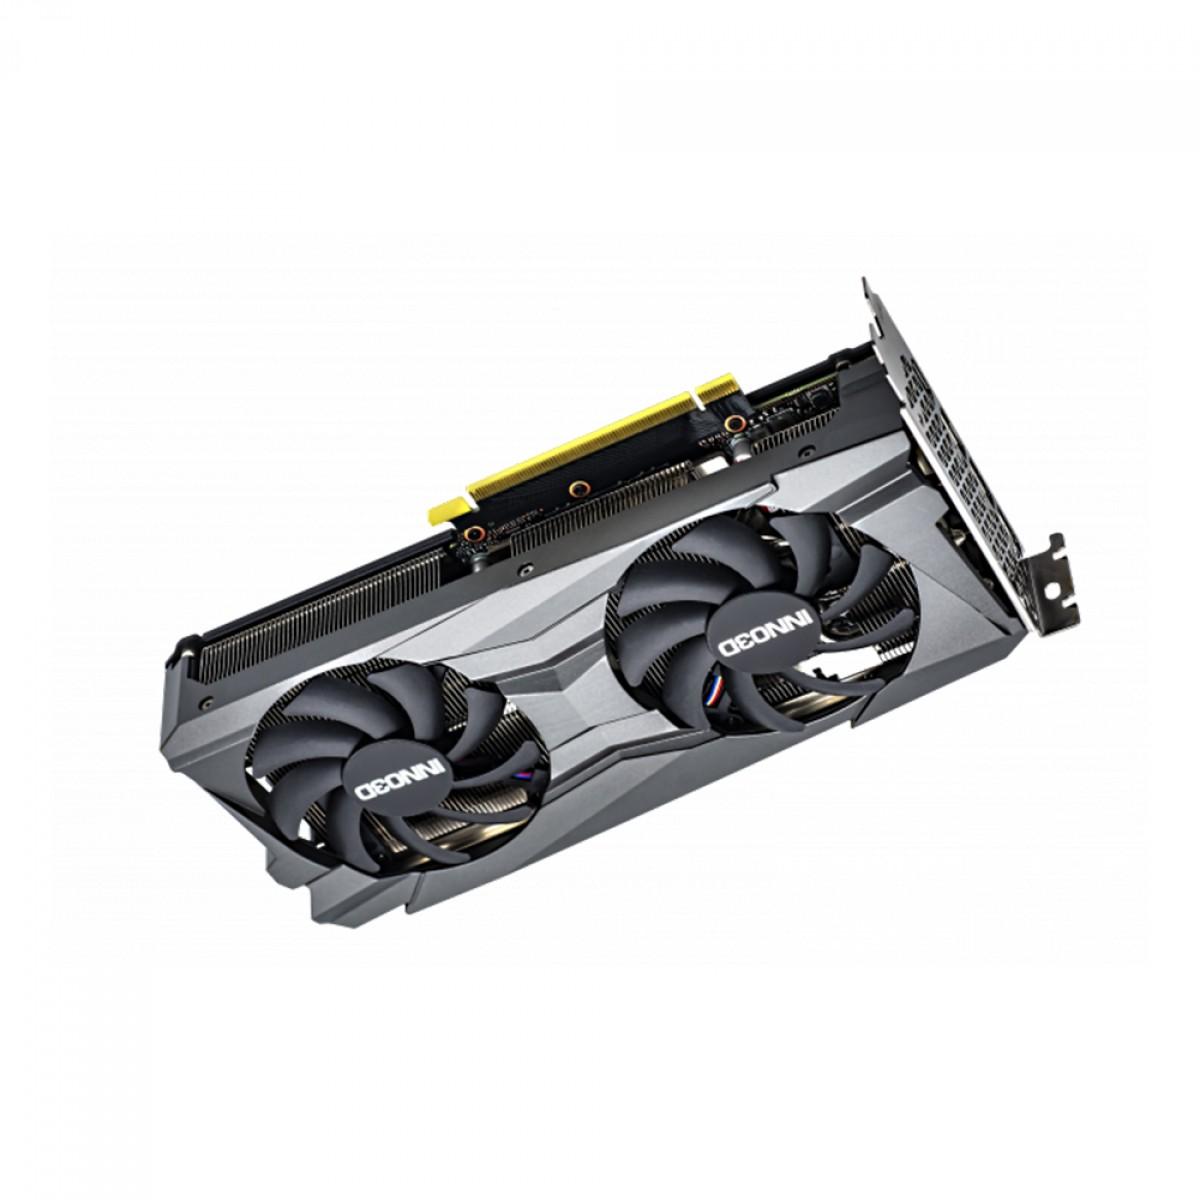 Placa de Vídeo INNO3D NVIDIA GeForce RTX 3060 TWIN X2 OC, 12GB, GDDR6X, 192bit, LHR, N30602-12D6X-11902120H